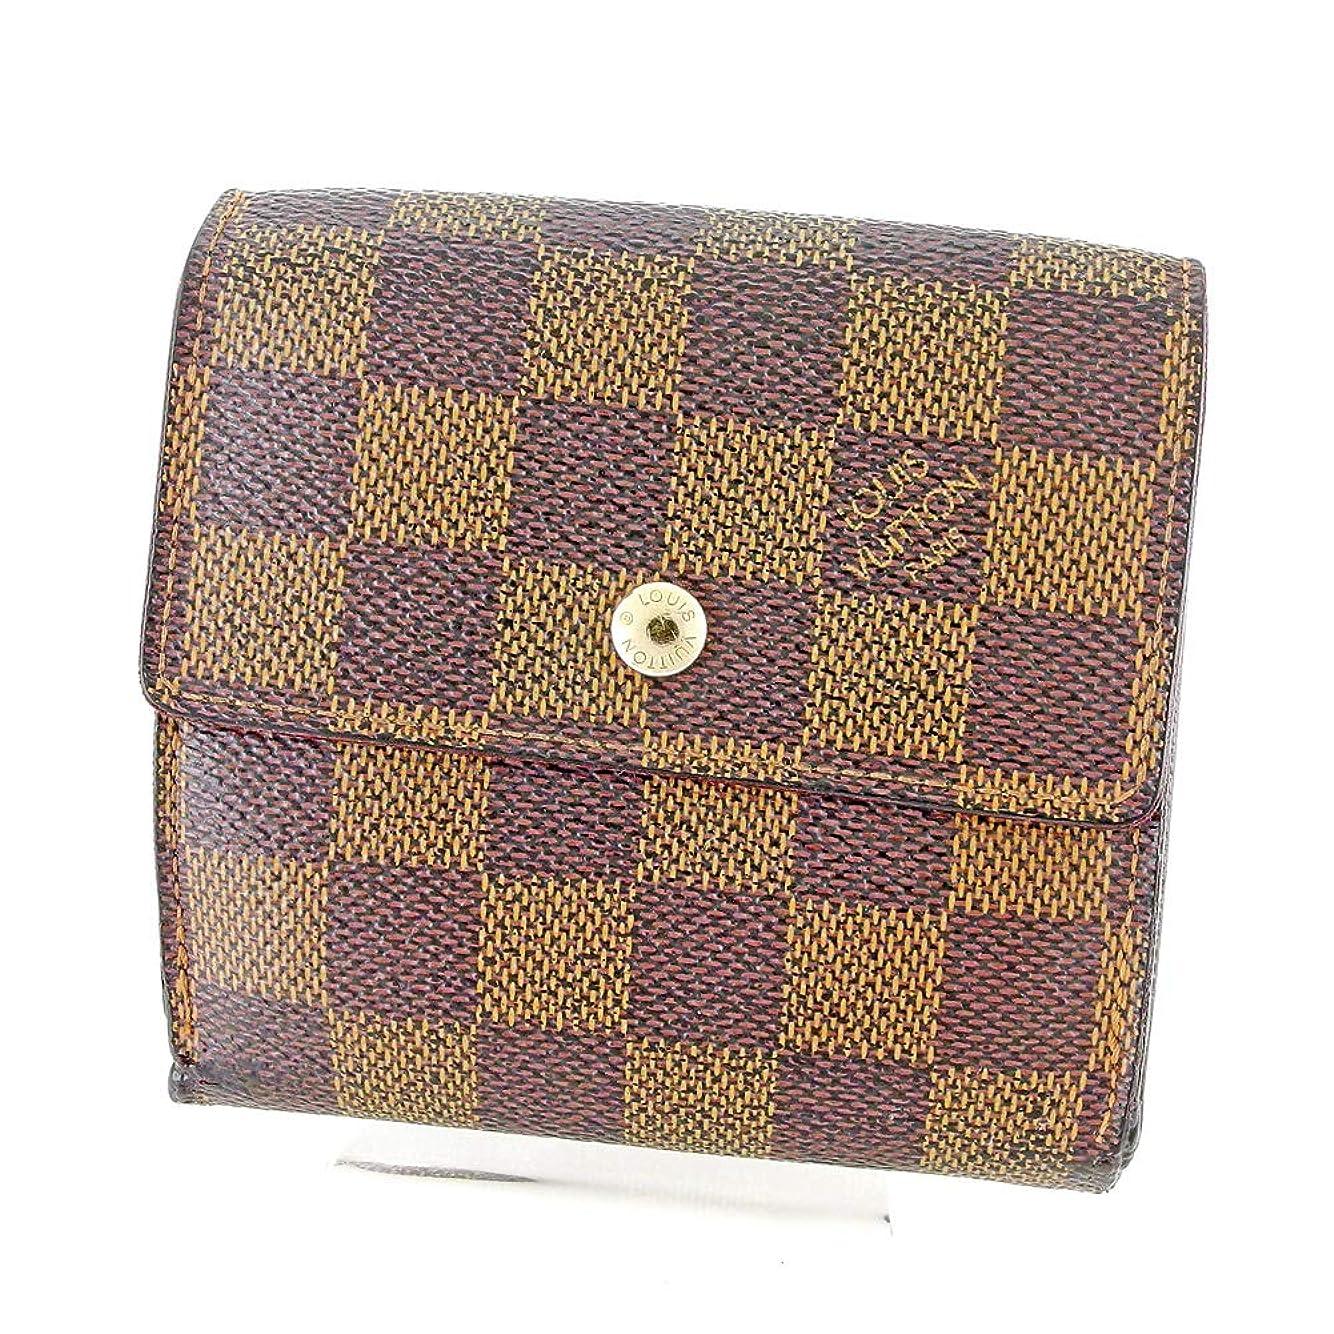 明示的に男らしい興奮するルイ ヴィトン Louis Vuitton Wホック 財布 三つ折り レディース メンズ ポルトフォイユエリーズ N61654 ダミエ 中古 B1038